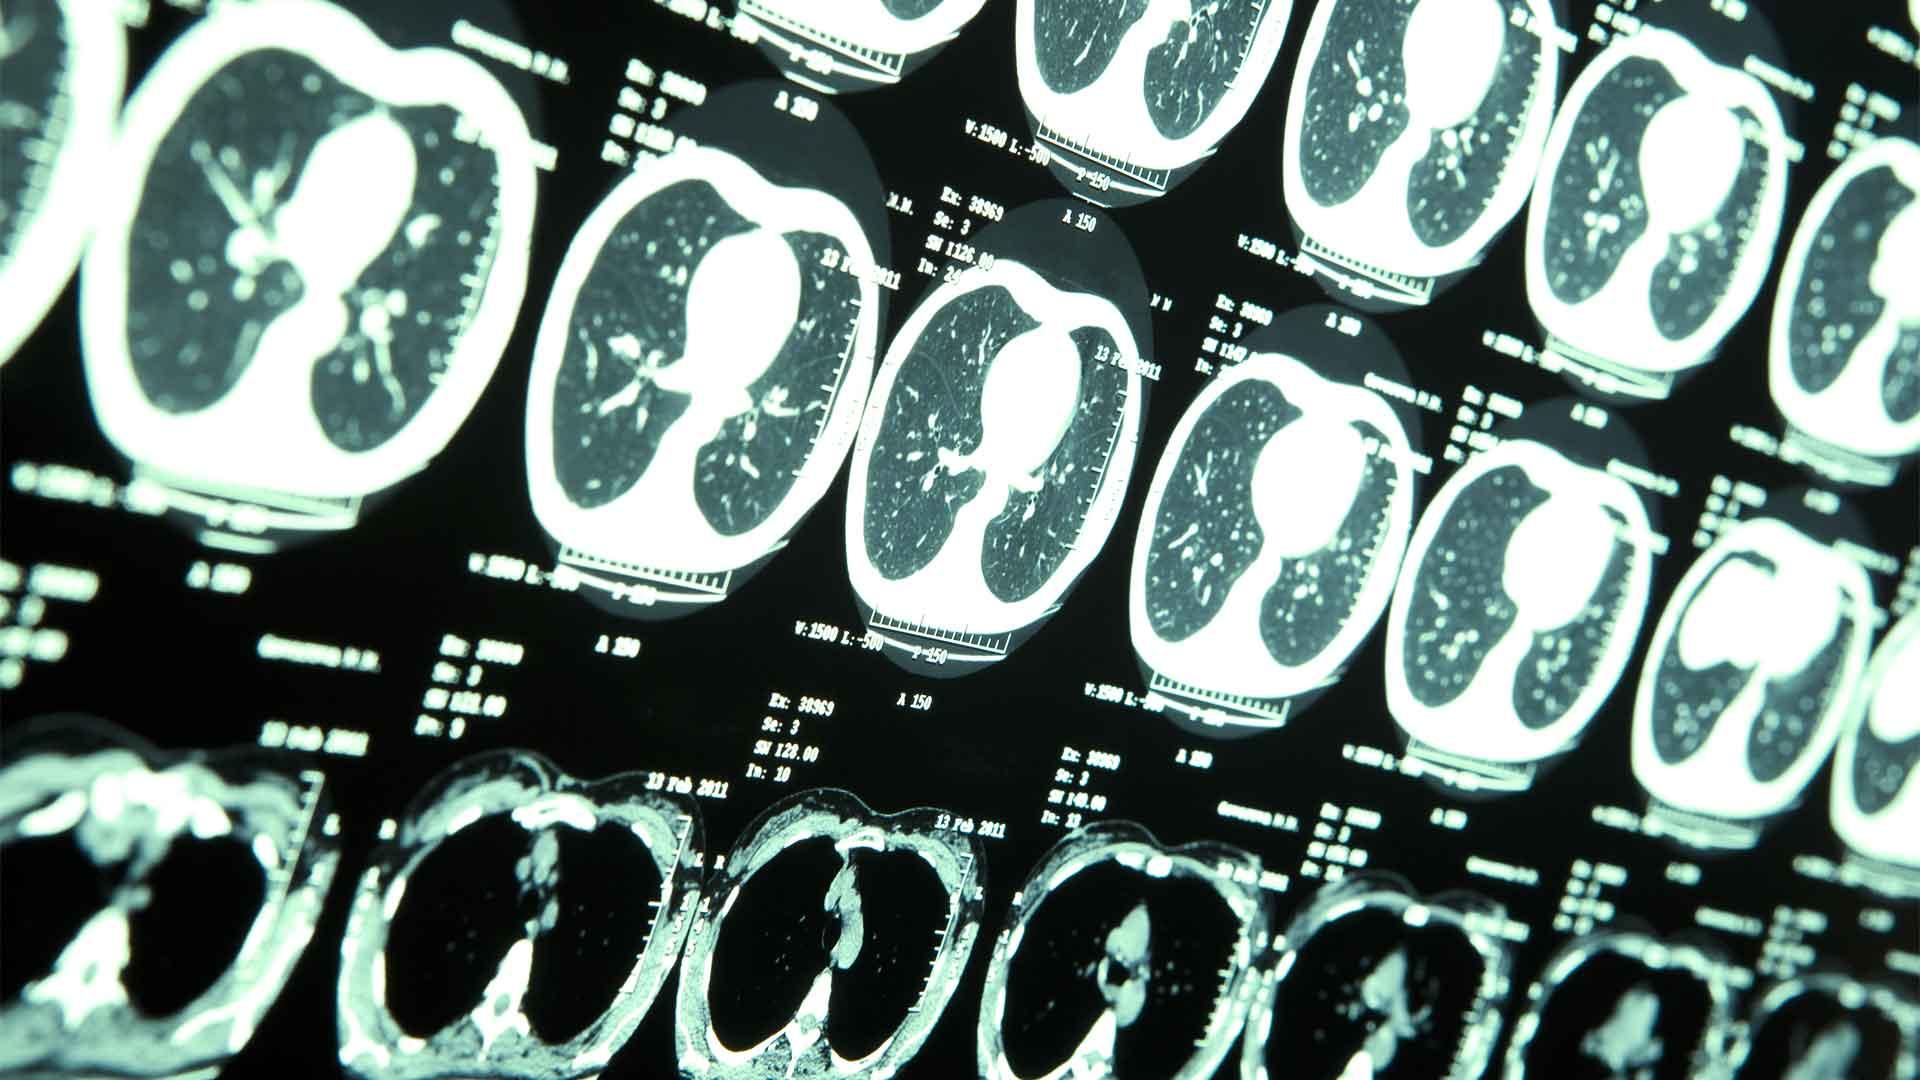 Neuroxeirourgio_Ogkos